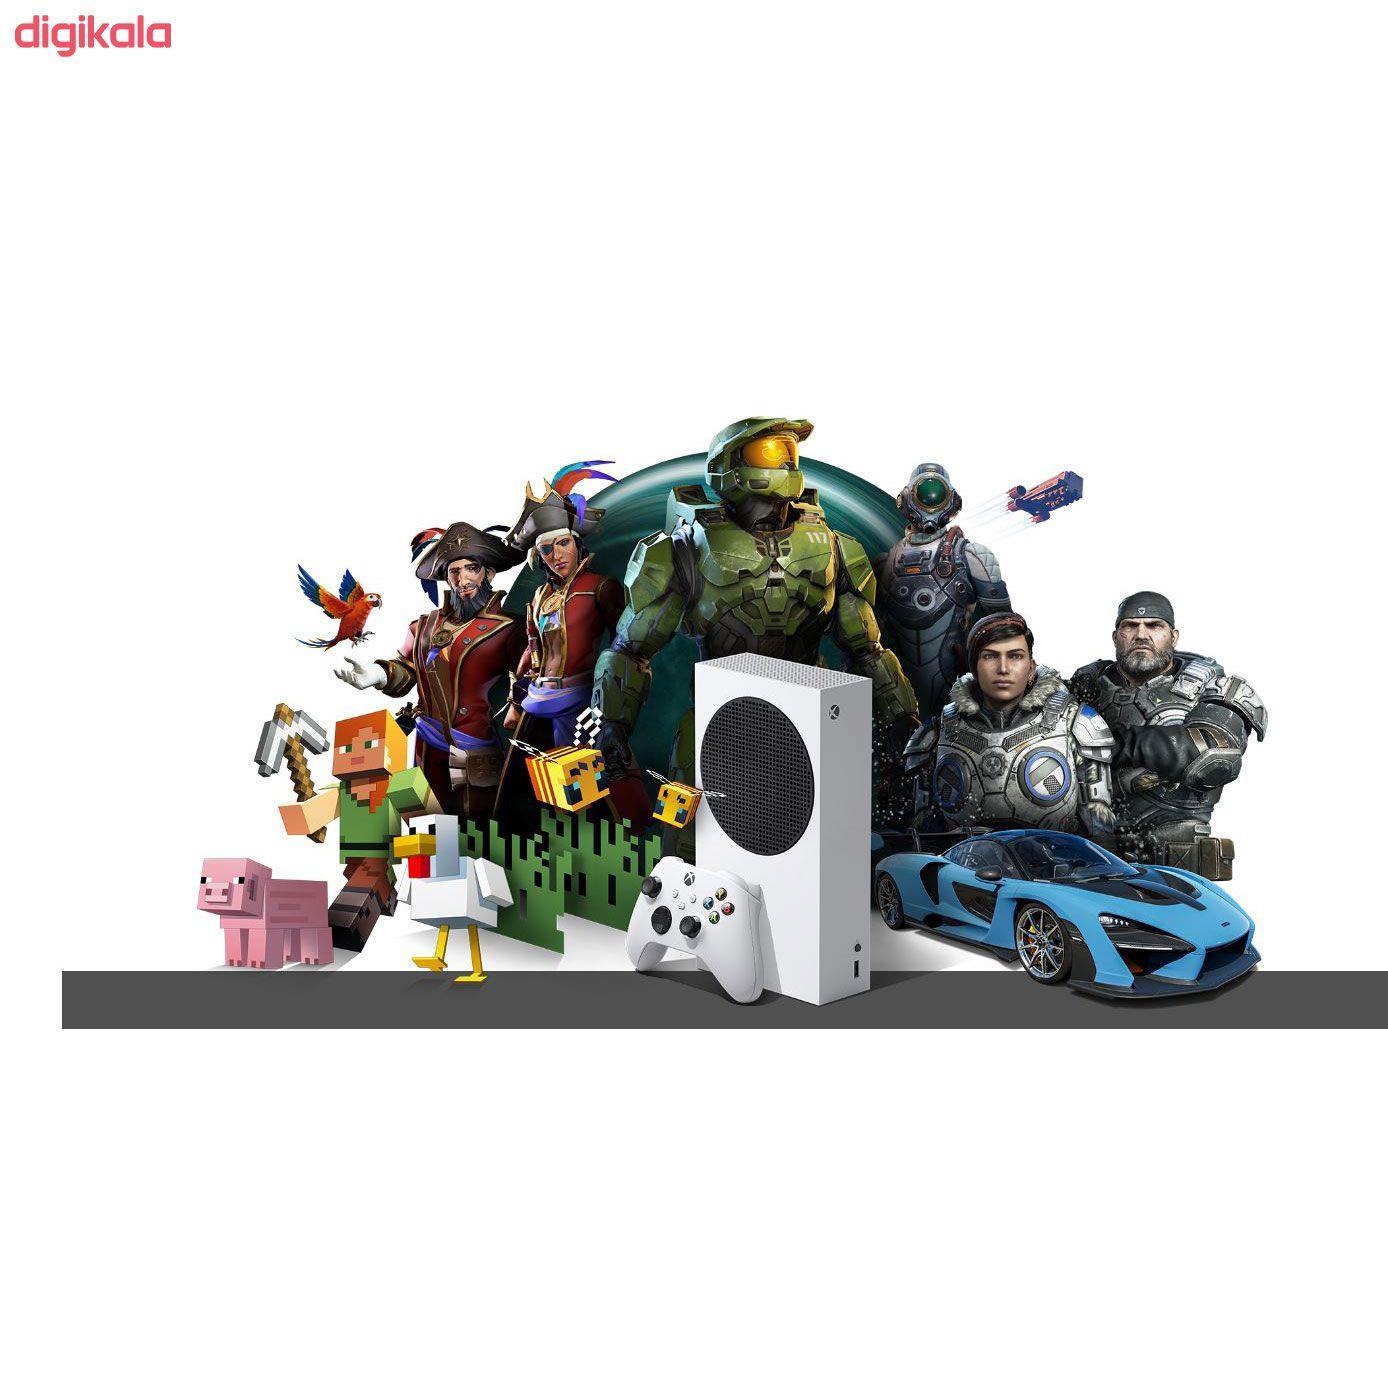 کنسول بازی مایکروسافت مدل XBOX SERIES S ظرفیت 512 گیگابایت main 1 17